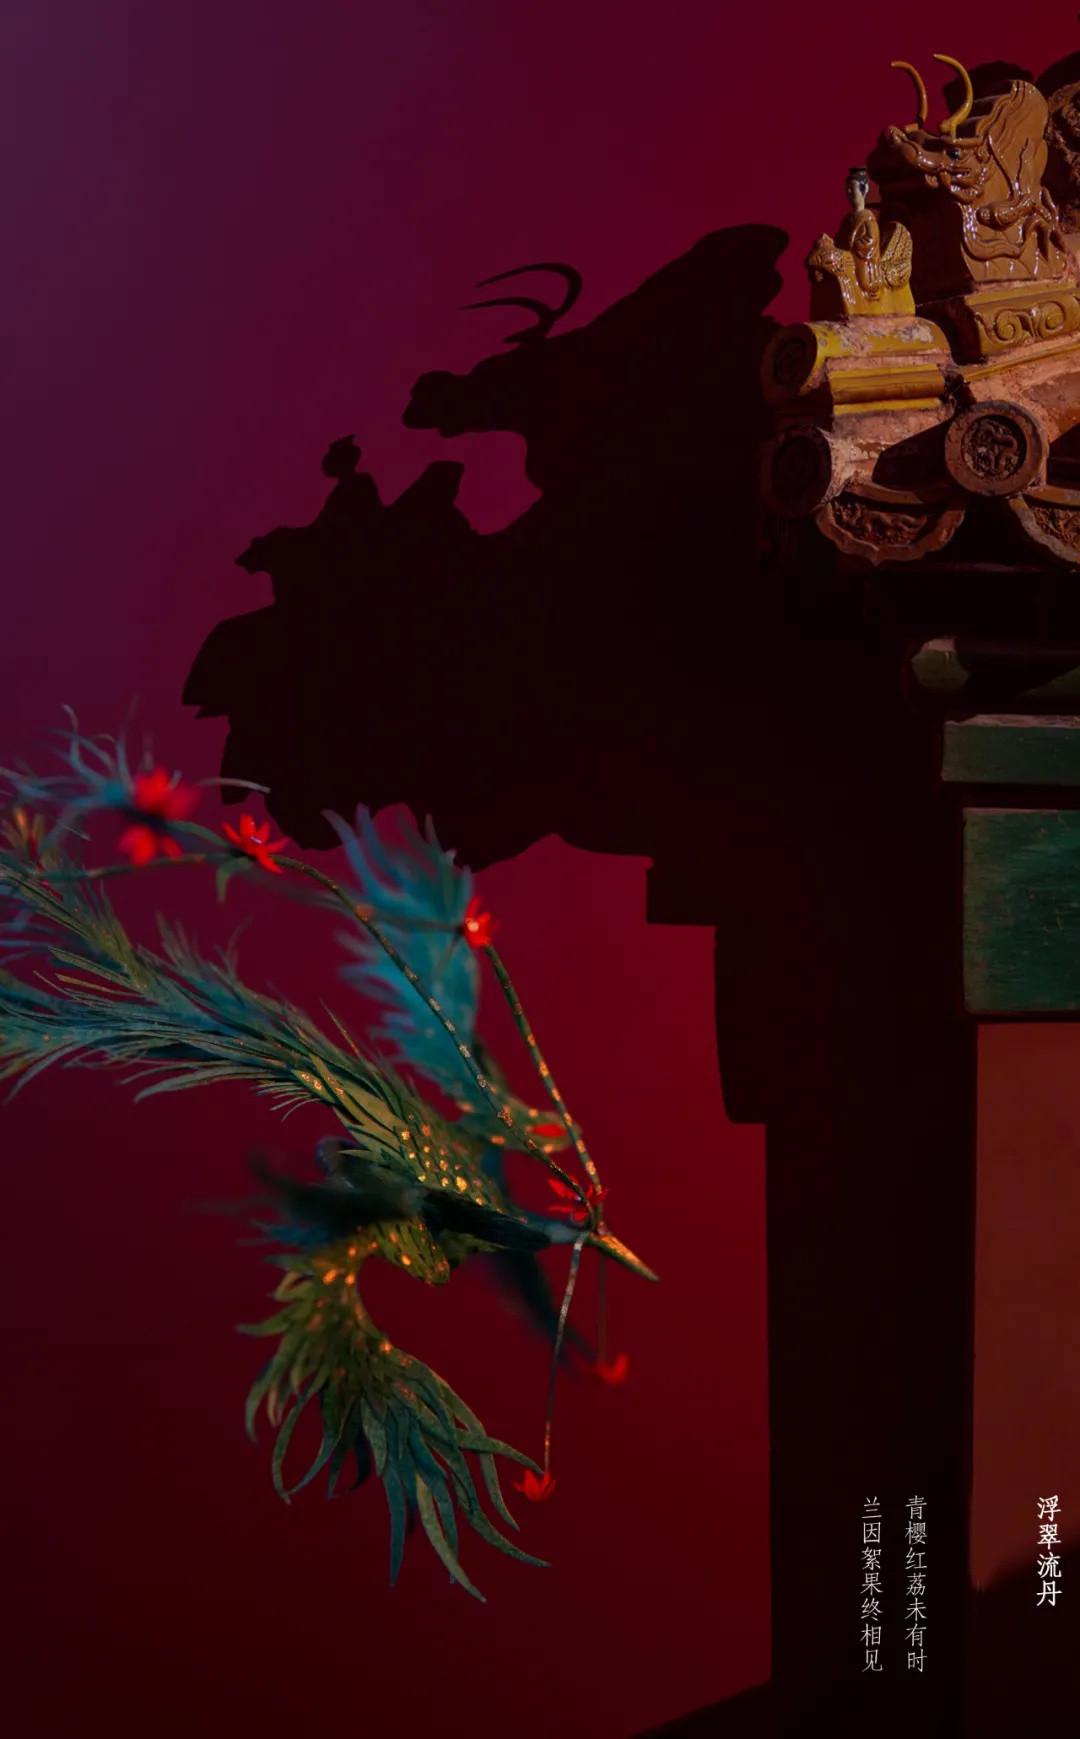 96年男孩竟把《山海经》折成千纸鹤?美到惊艳,一眼沦陷!